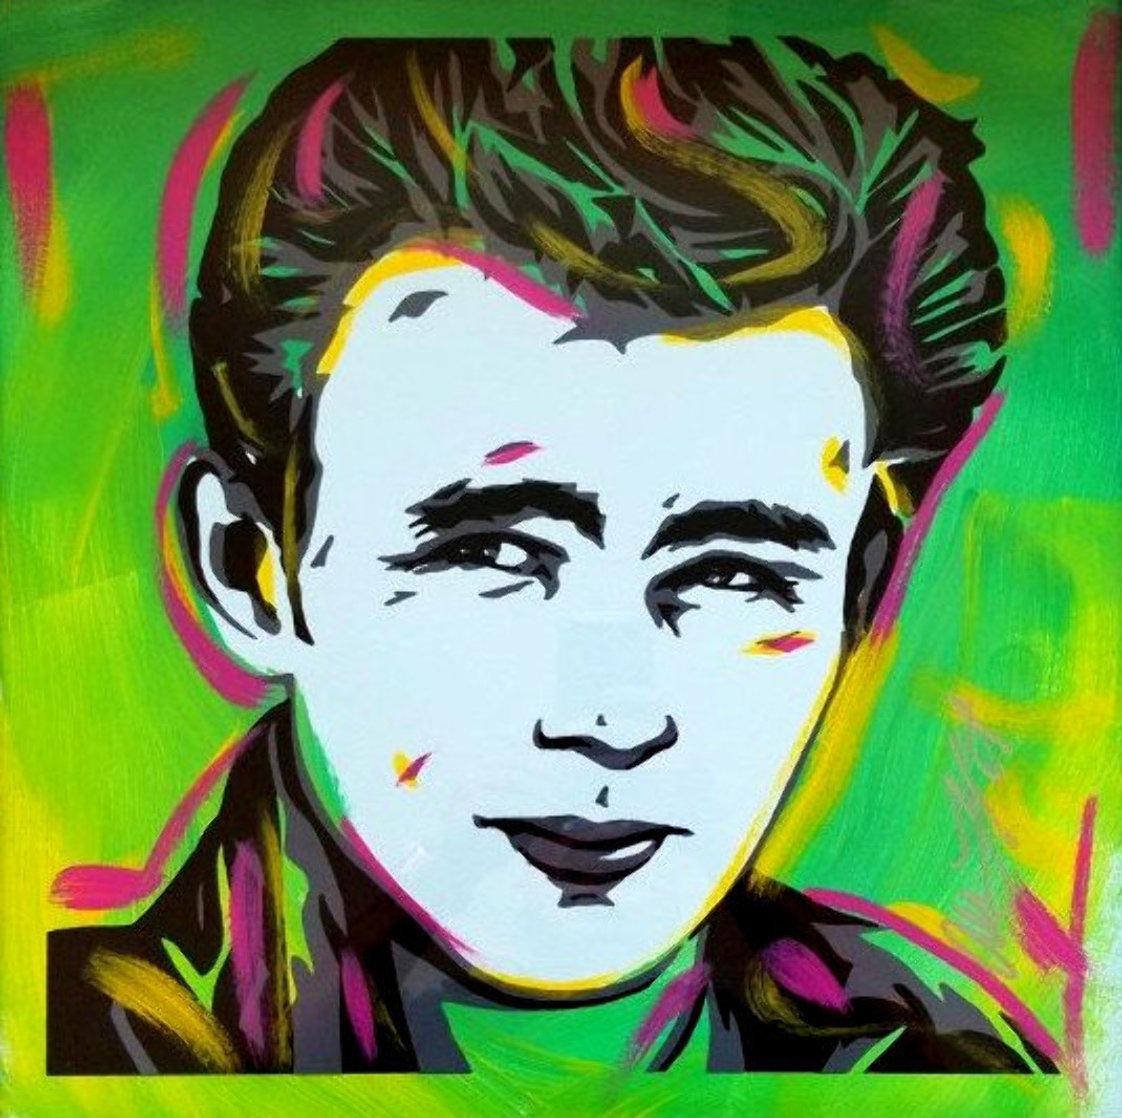 James Dean 18x18 Original Painting by Allison Lefcort